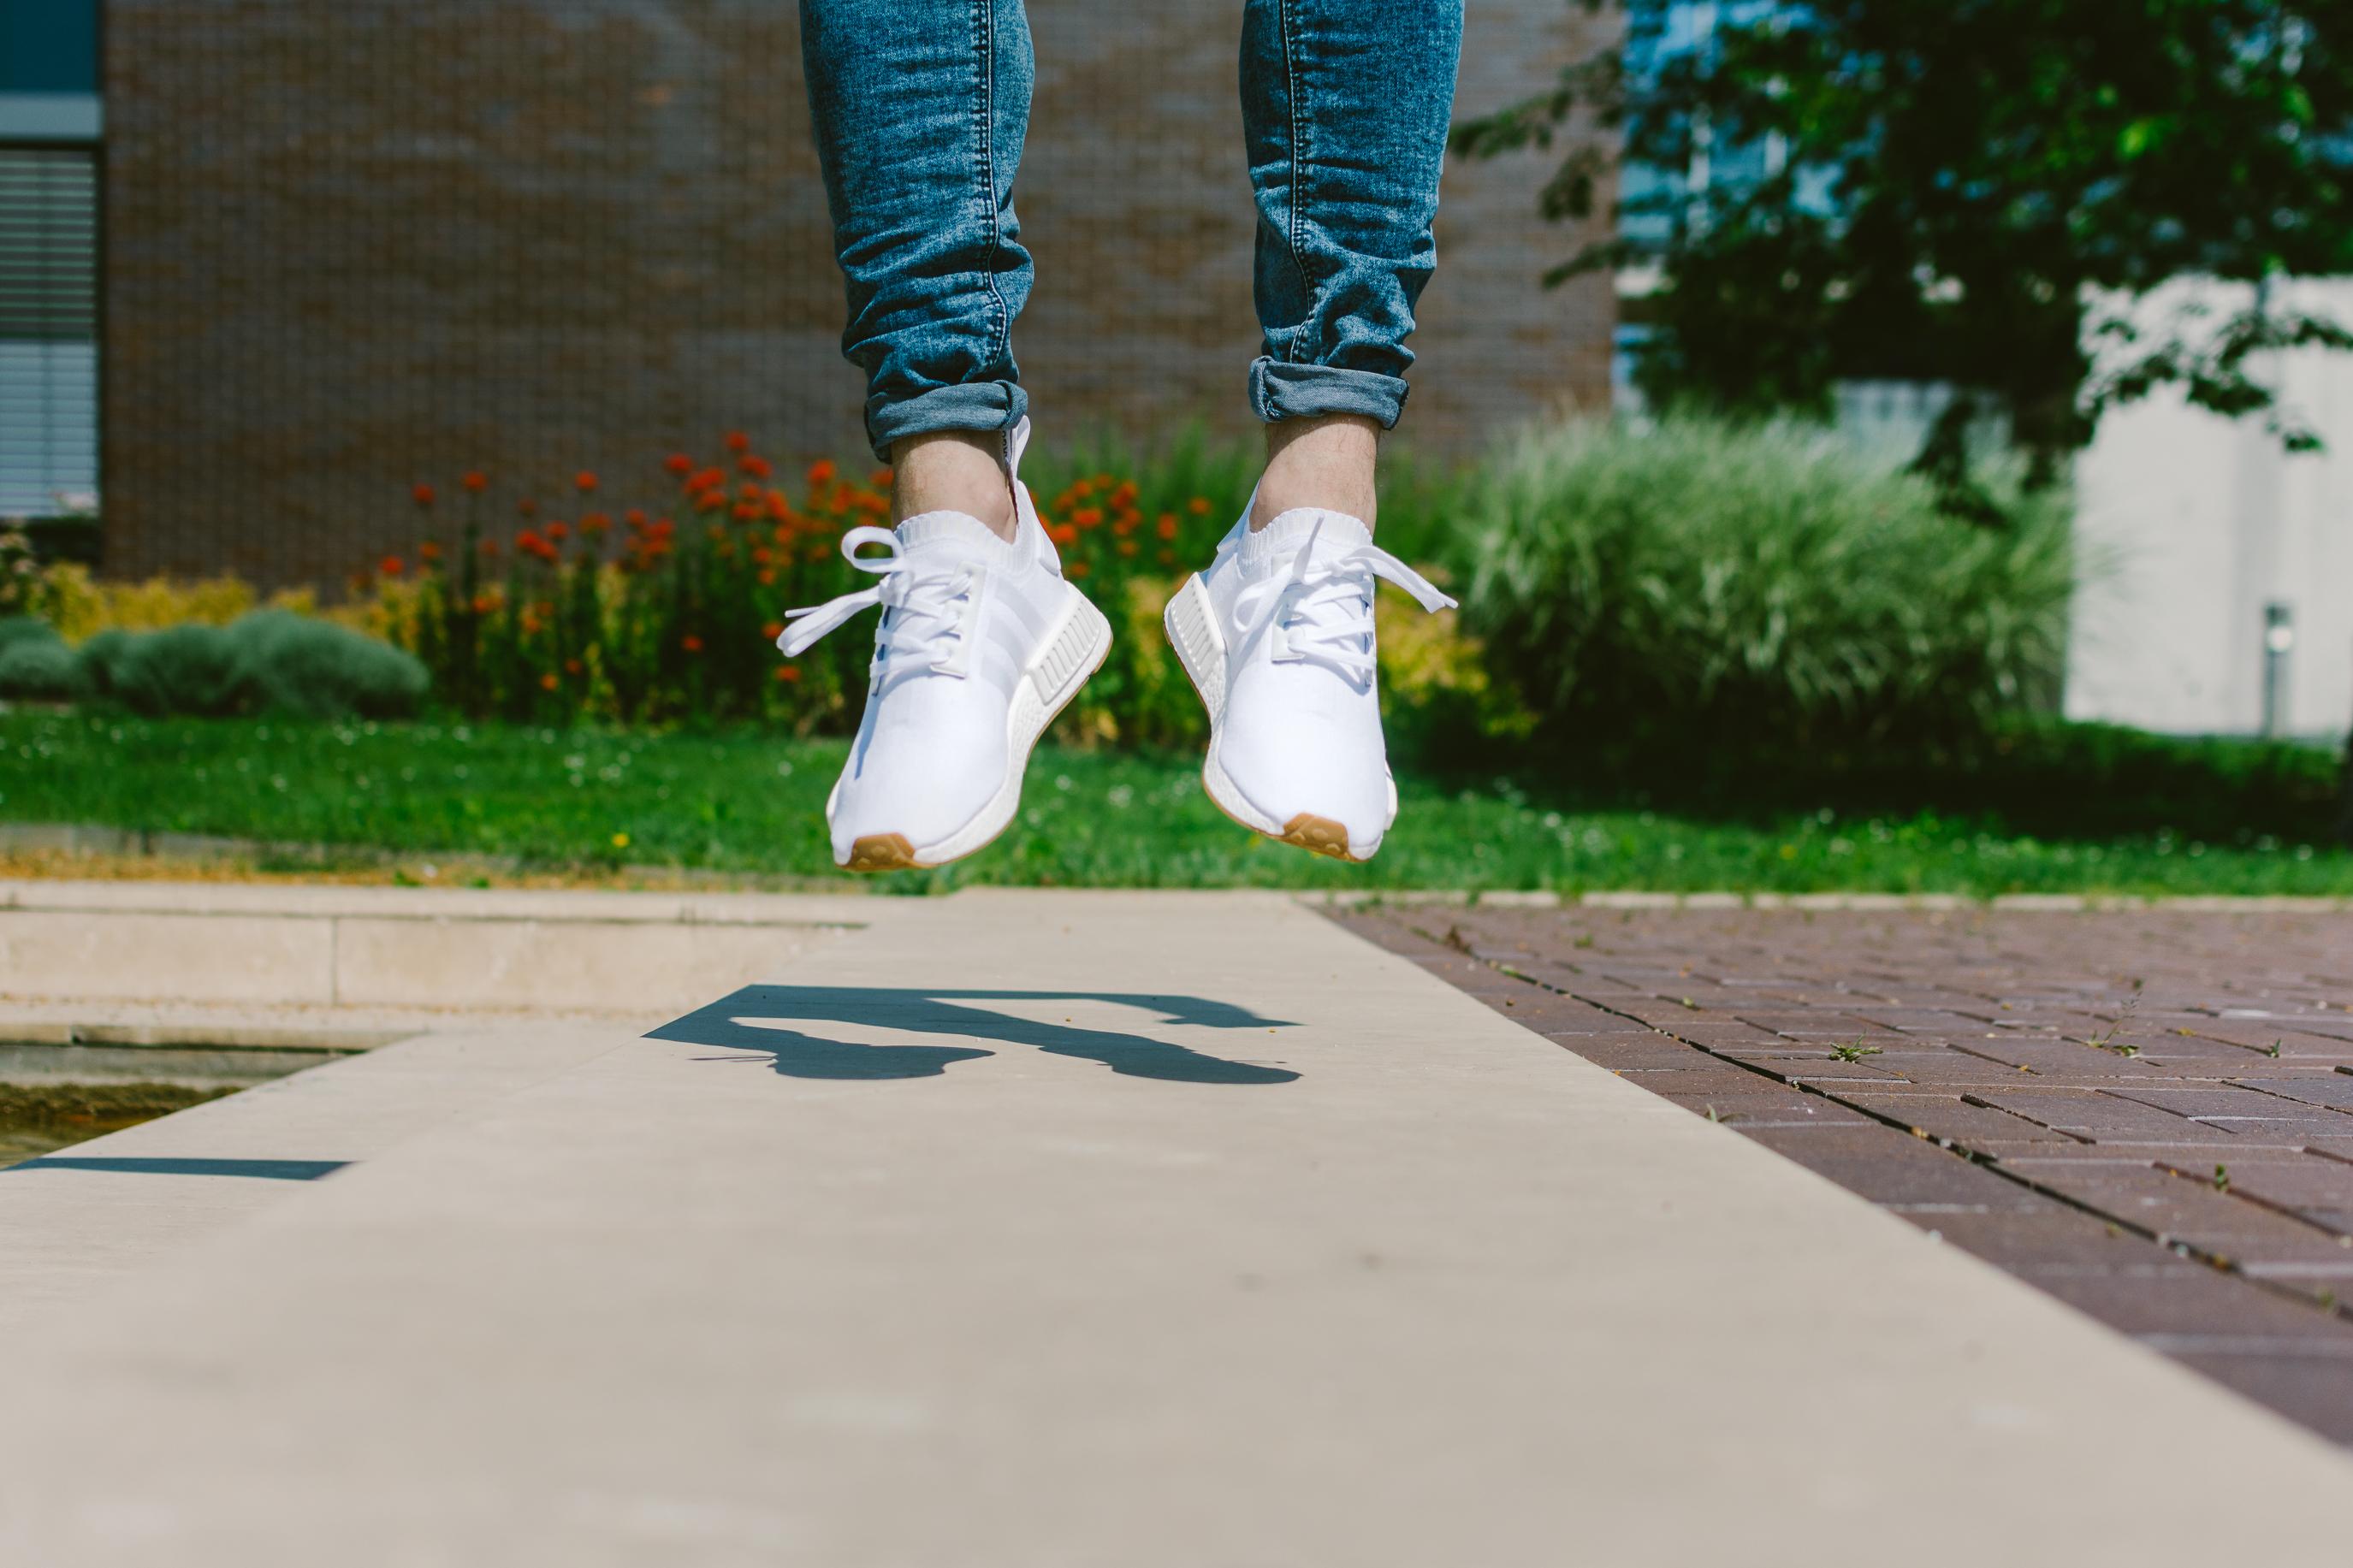 Legyél te a szerencsés, aki megnyeri az adidas NMD R1 PK White/Gum sneakert!